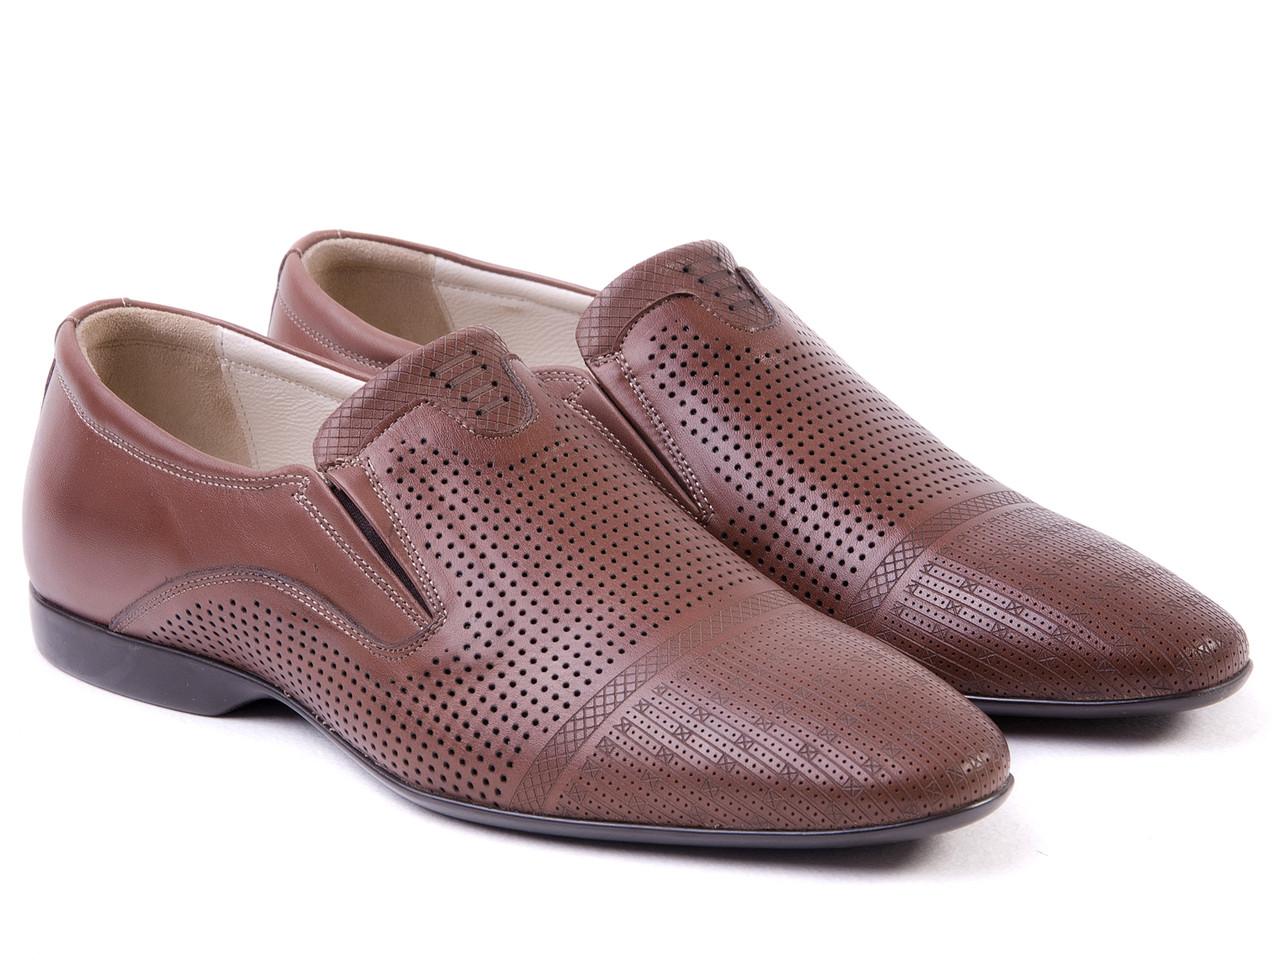 Туфли Etor 11738-7115-325 коричневые